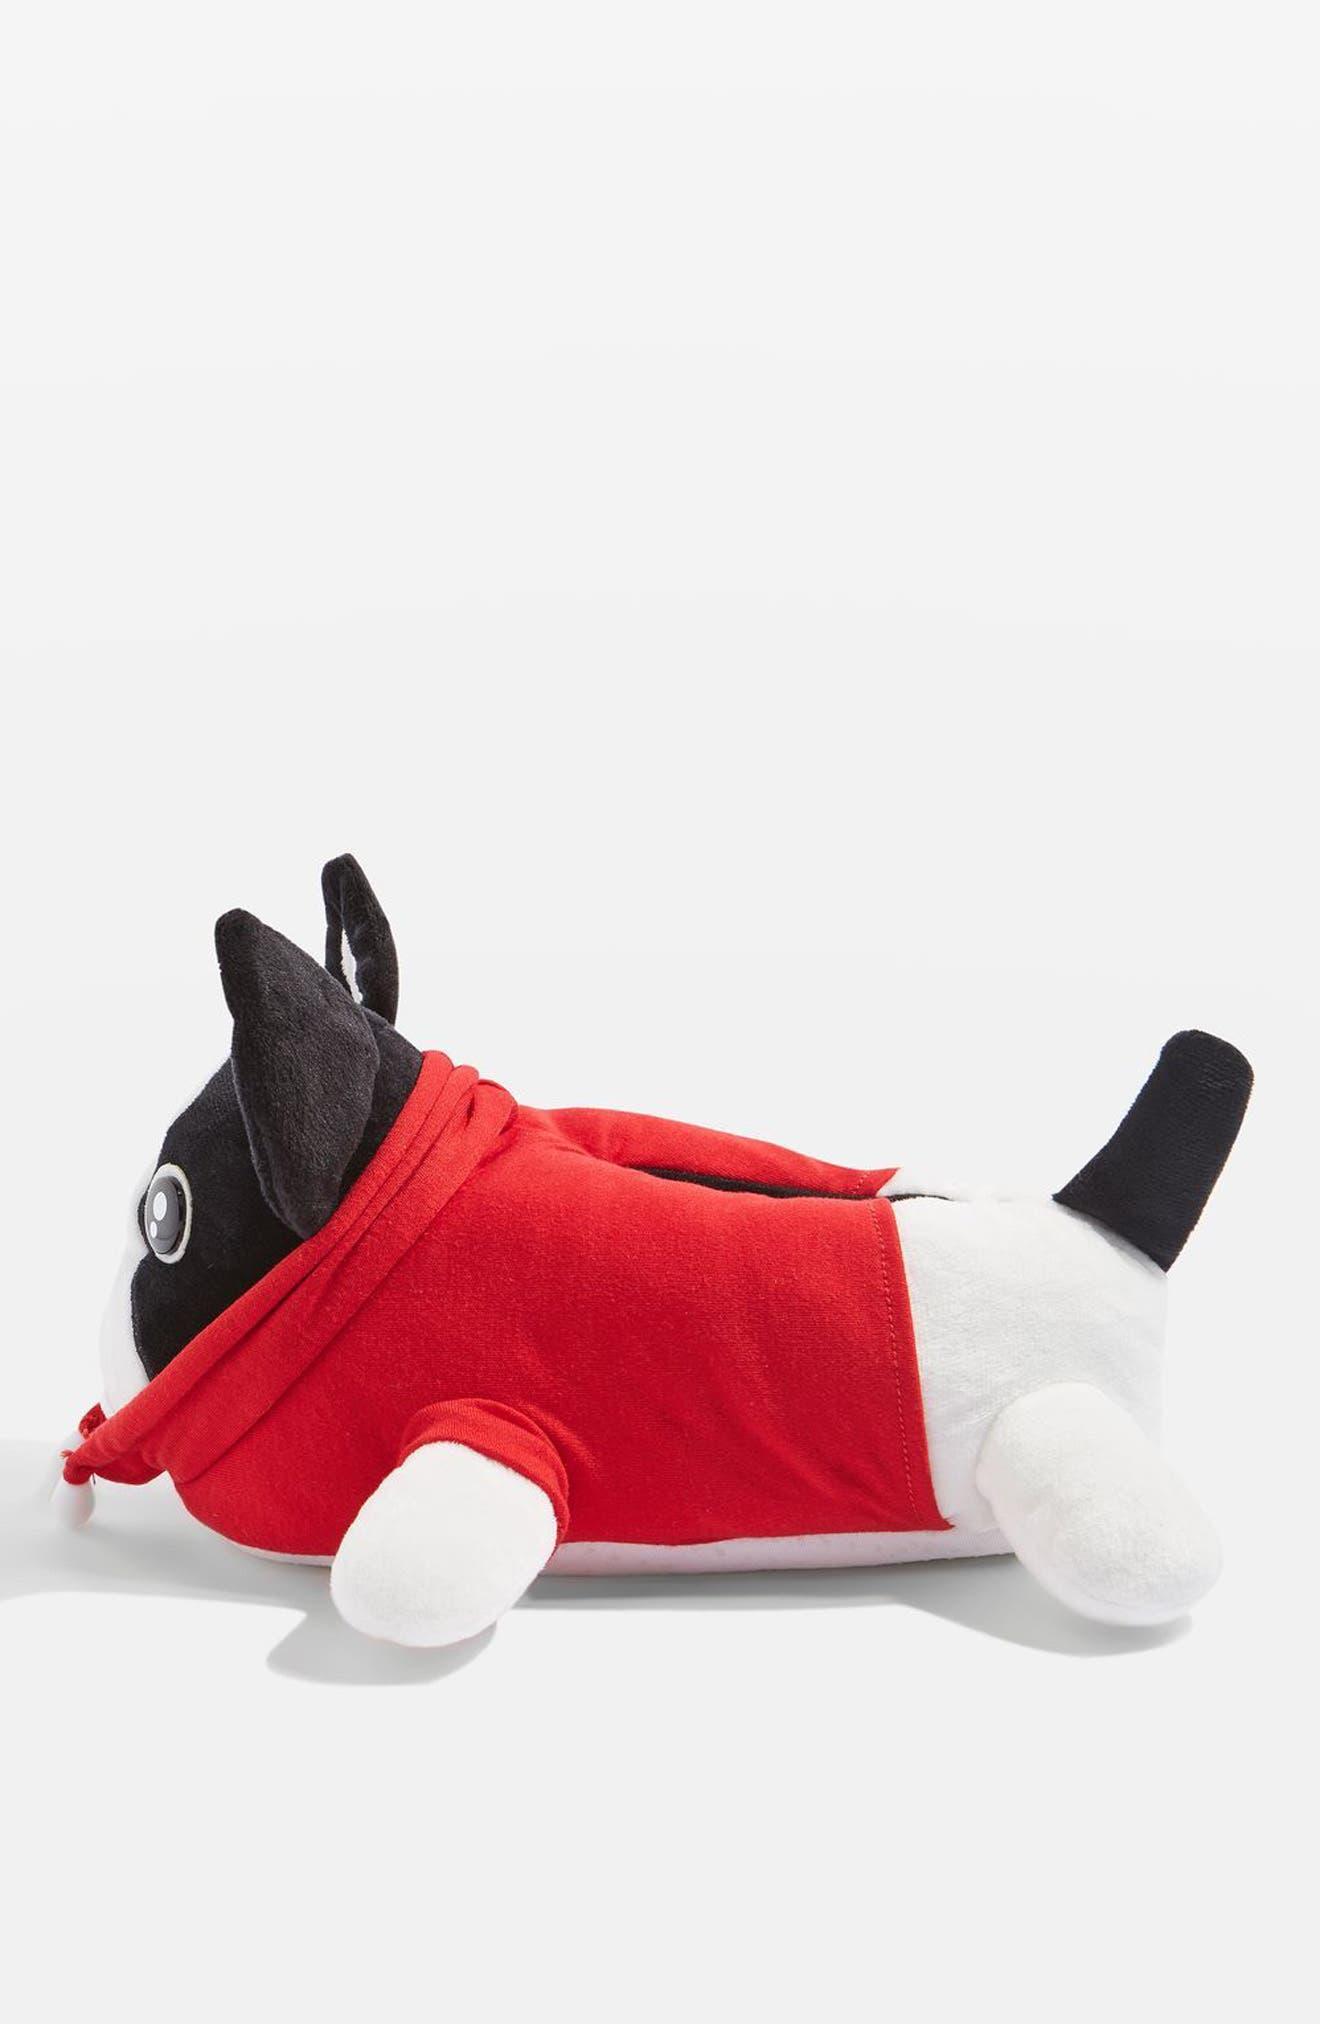 Monty Bulldog Slippers,                             Alternate thumbnail 2, color,                             Red Multi